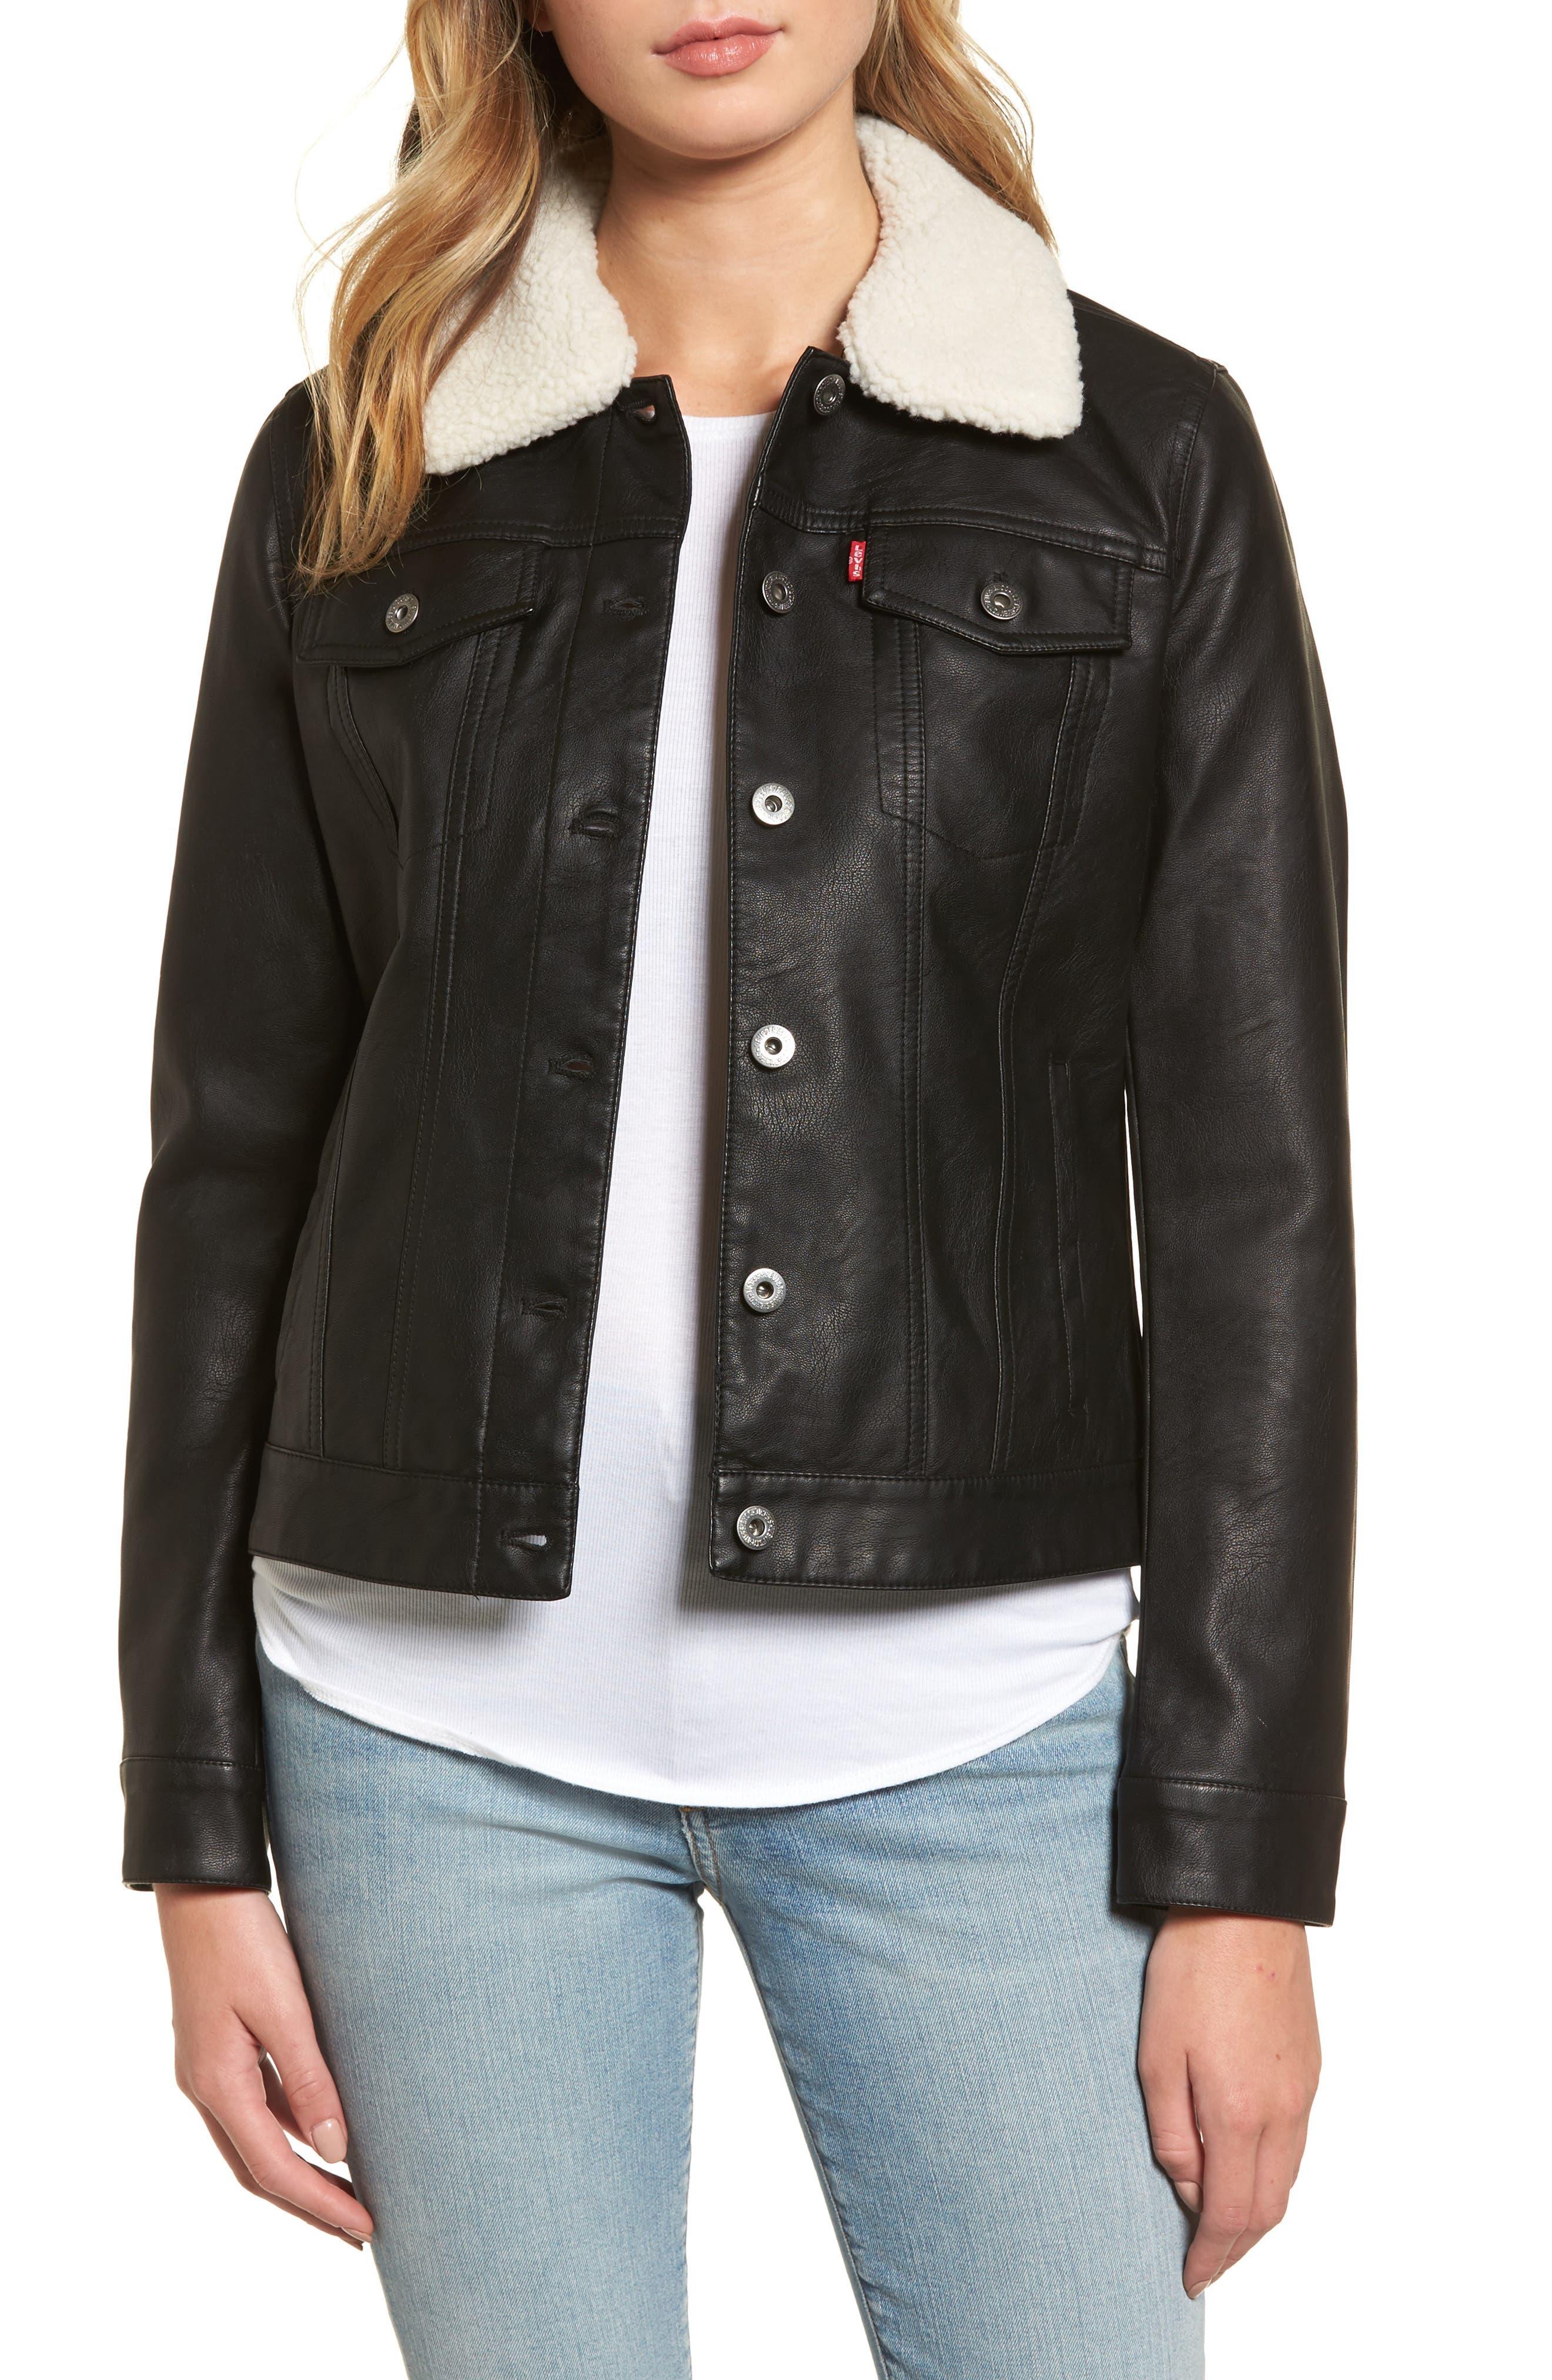 Main Image - Levi's® Faux Leather Jacket with Detachable Faux Fur